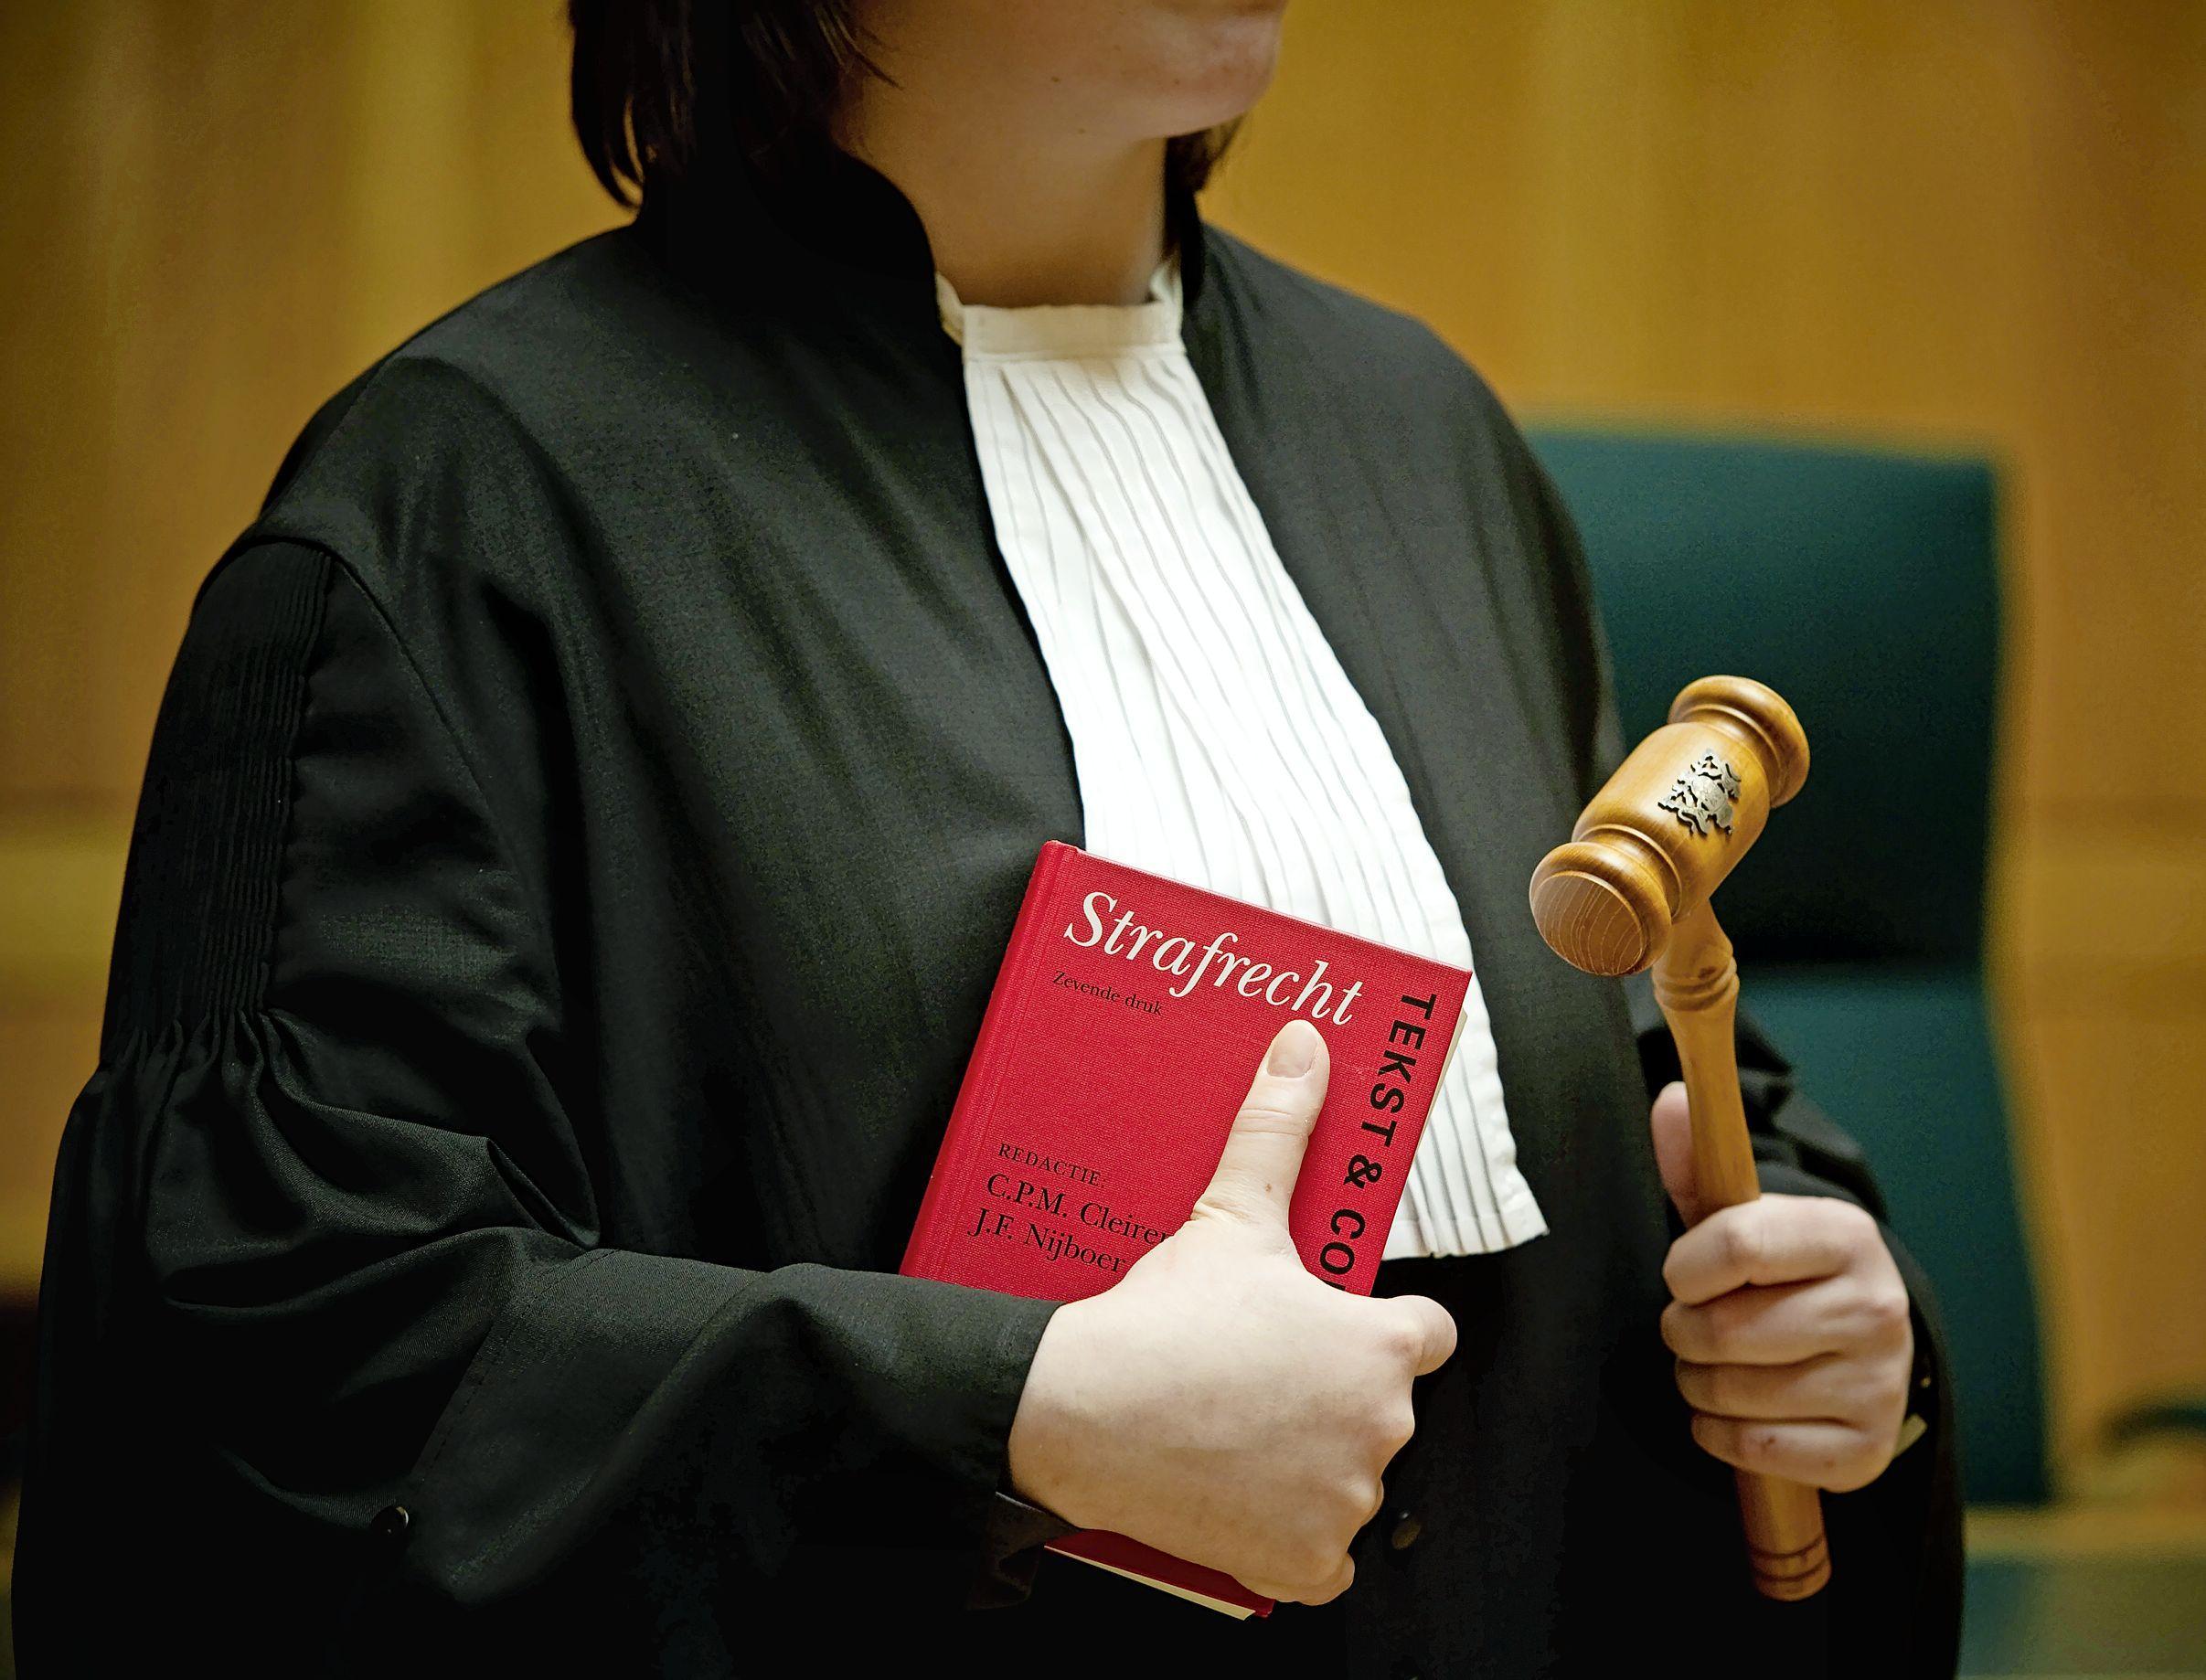 Leider Iers crimineel klusbedrijf dat veel slachtoffers maakte in Leiden en Leiderdorp staat in juli voor de rechter